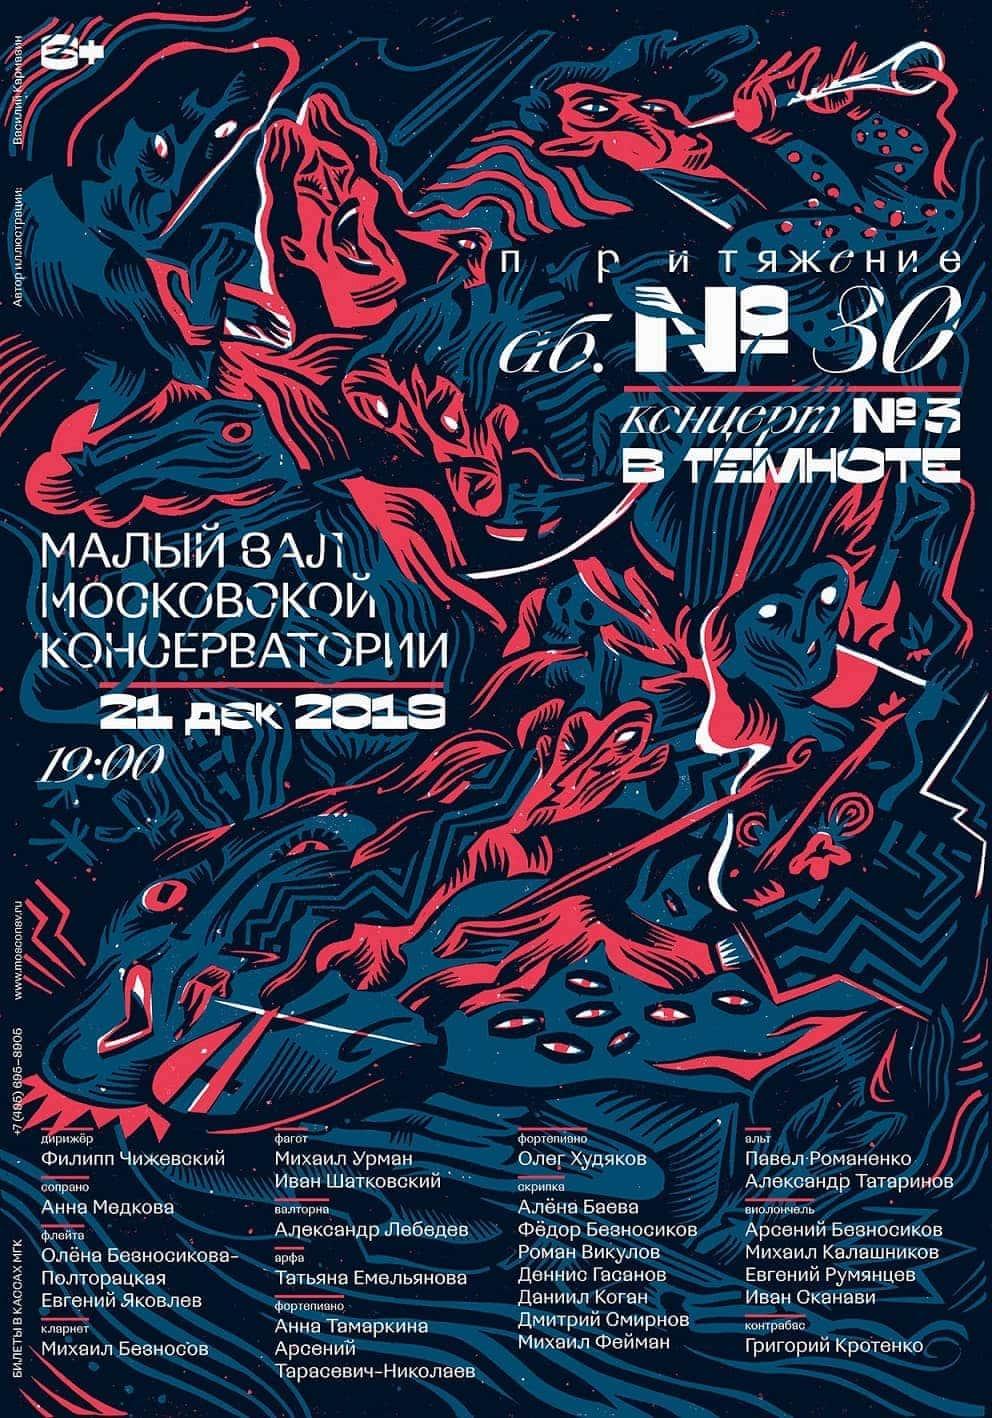 Афиша третьего концерта фестиваля «Притяжение». Дизайнер — Татьяна Казакова, иллюстрация — Василий Кармазин